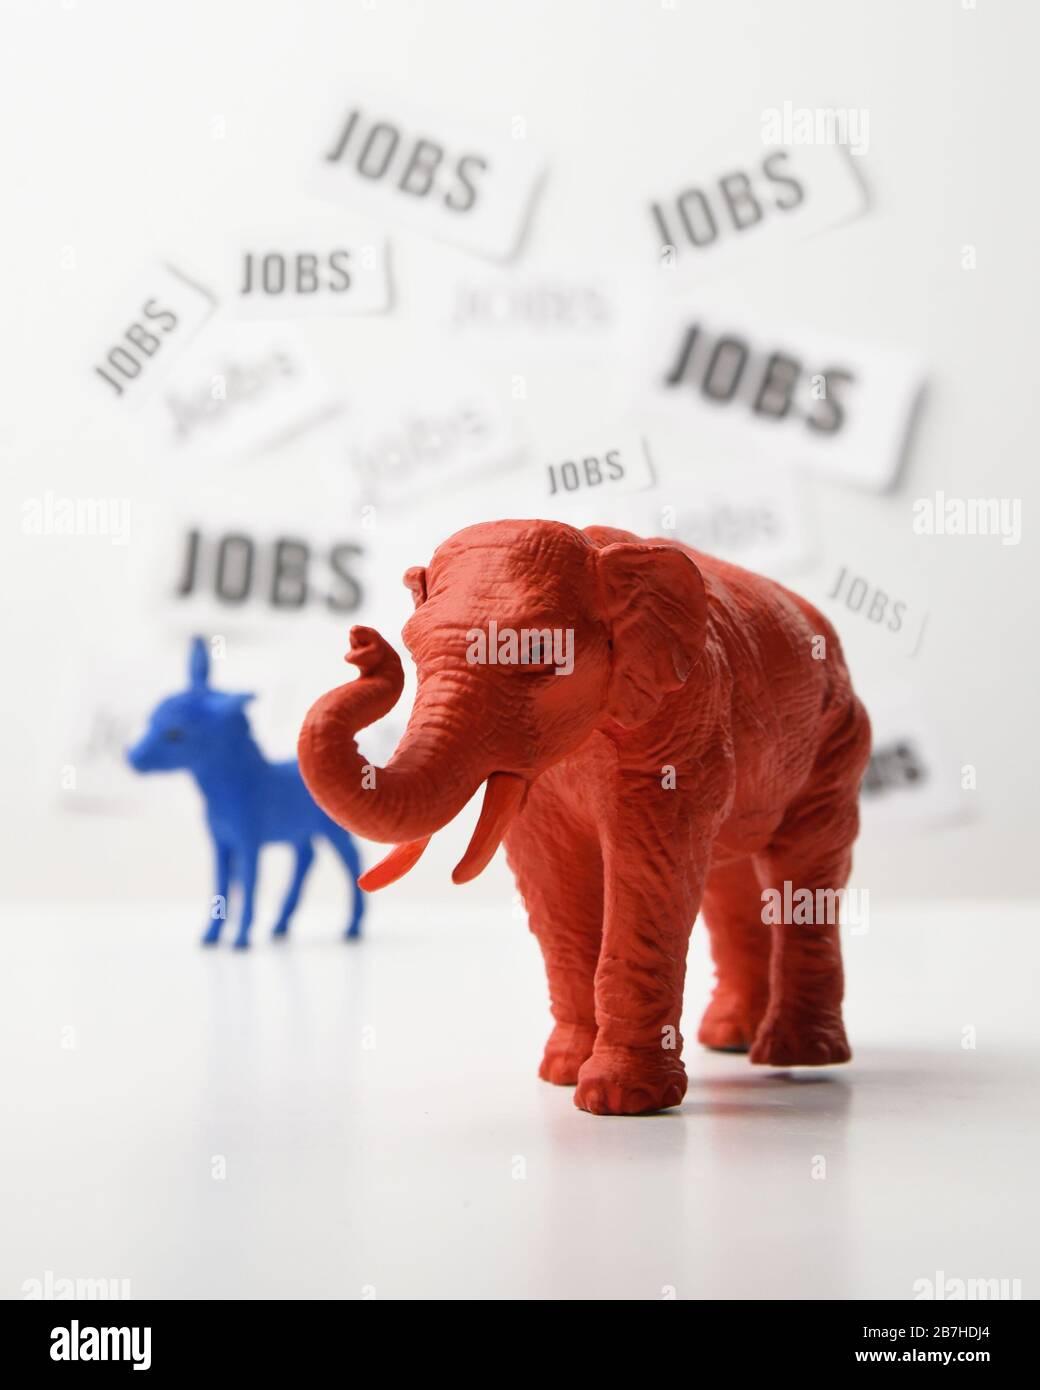 Un âne bleu et un éléphant rouge sont contre un mur blanc qui a un texte d'emploi à l'arrière-plan pour une question politique 2020 du taux d'emploi et de la ce Banque D'Images